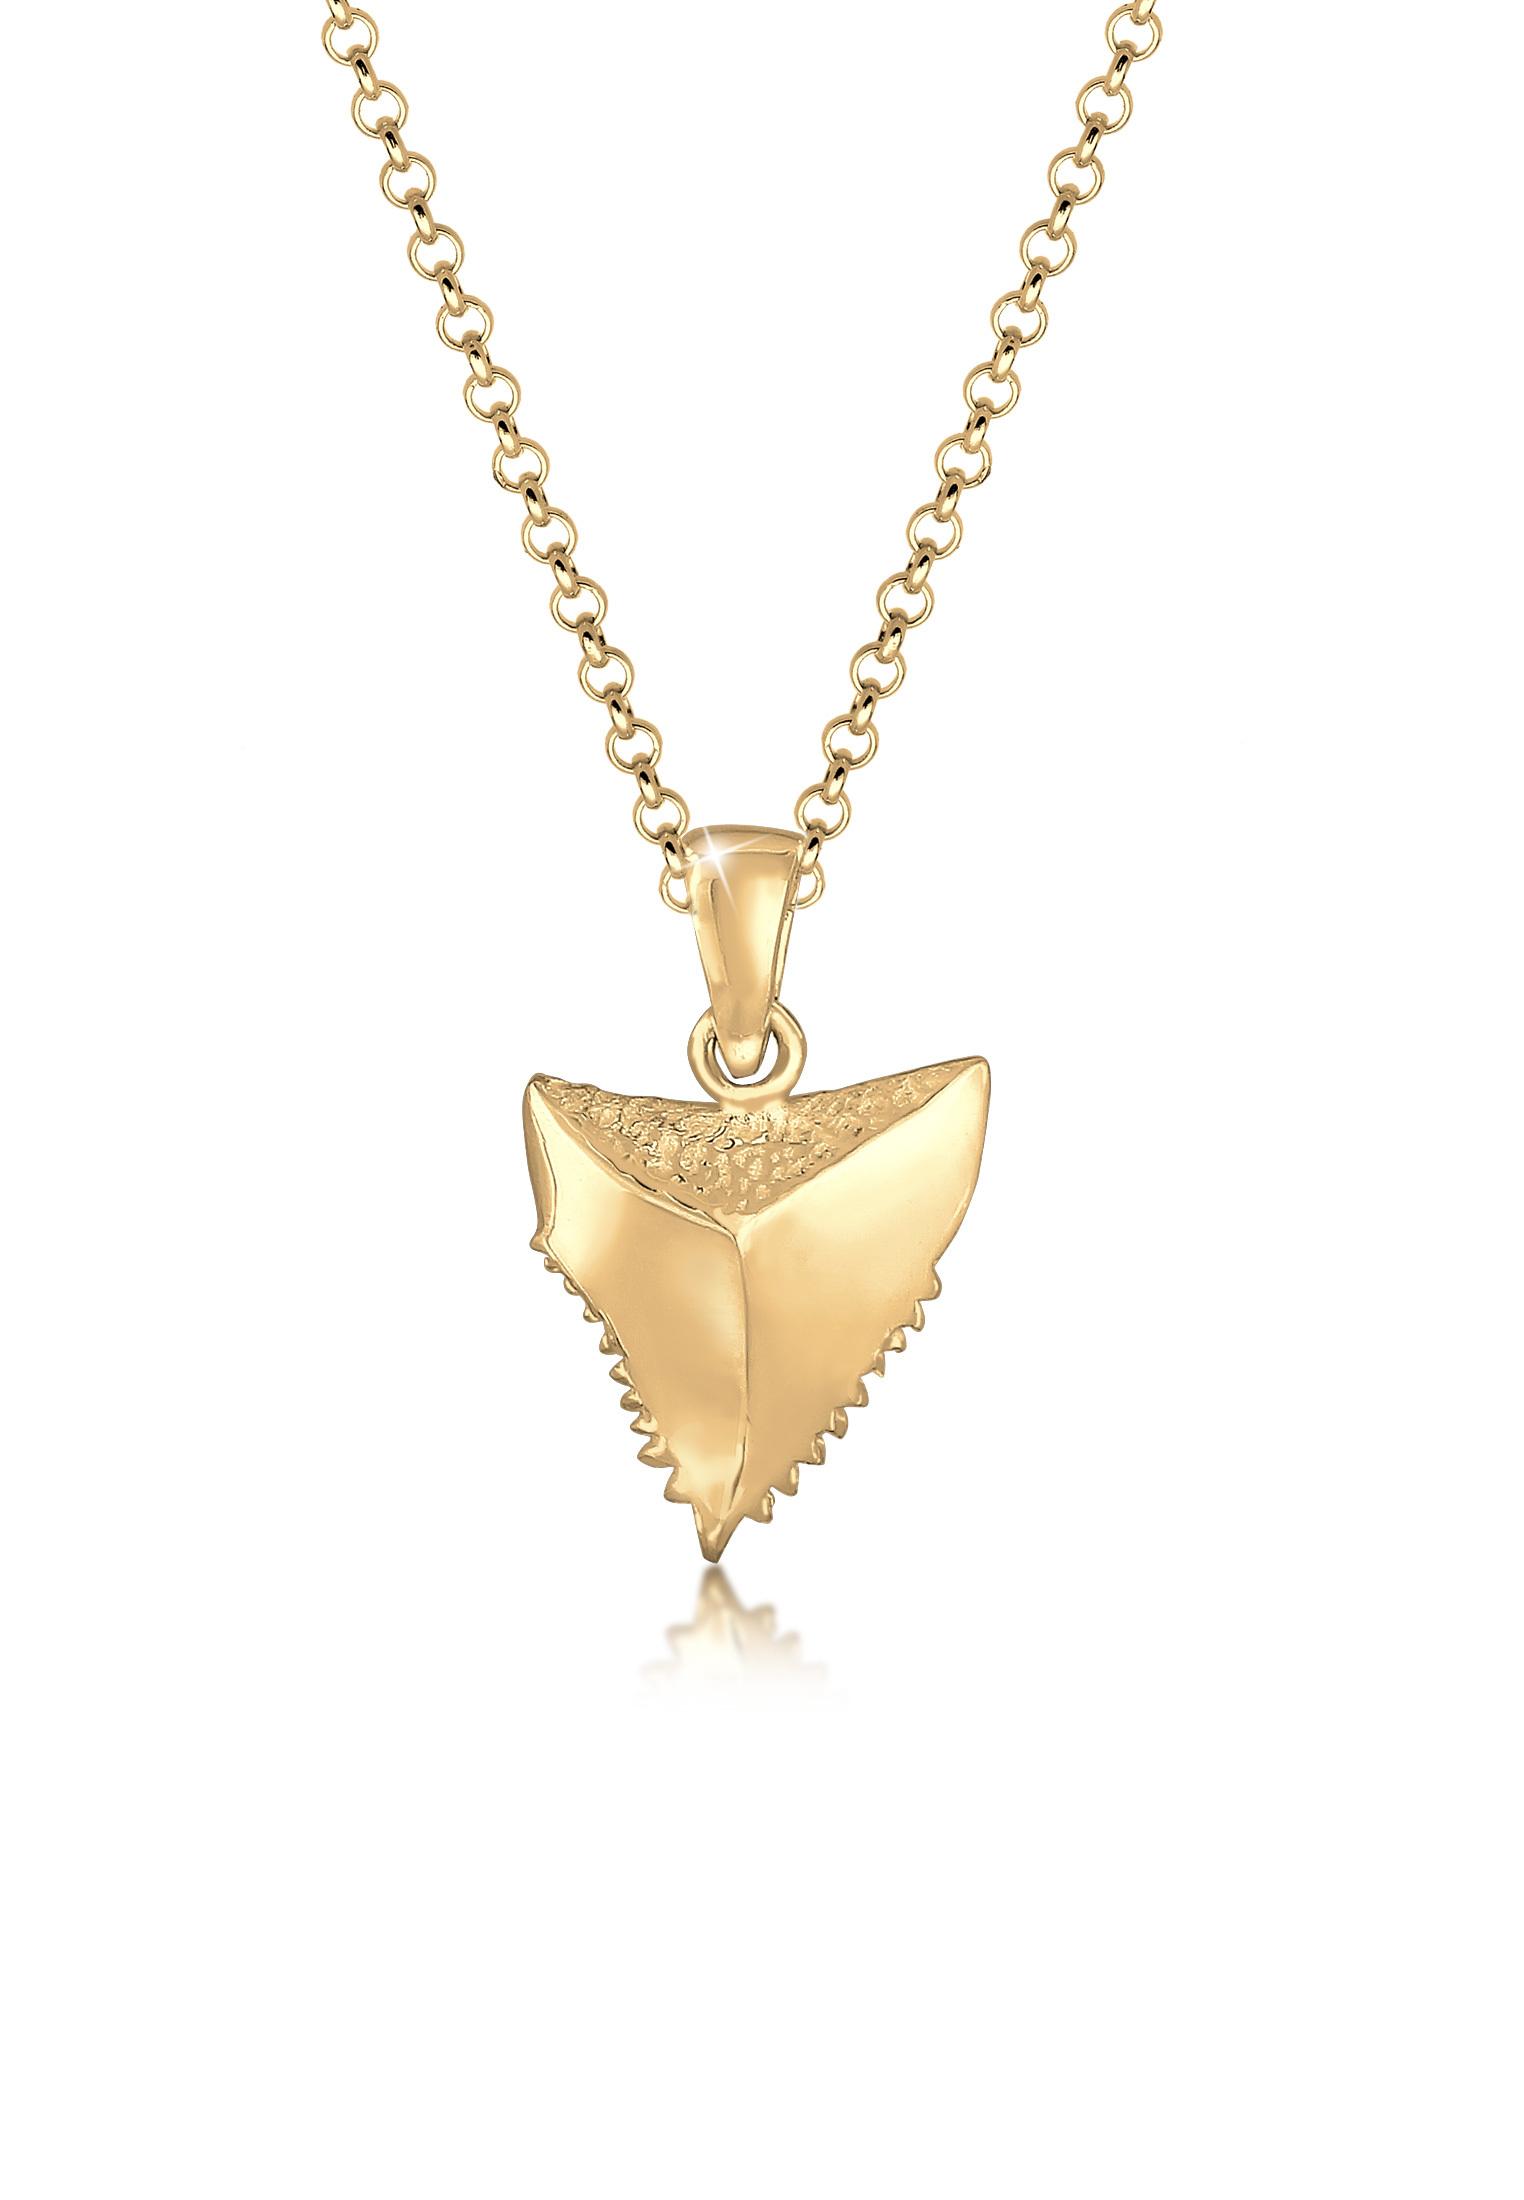 Halskette Zahn | 925 Sterling Silber vergoldet